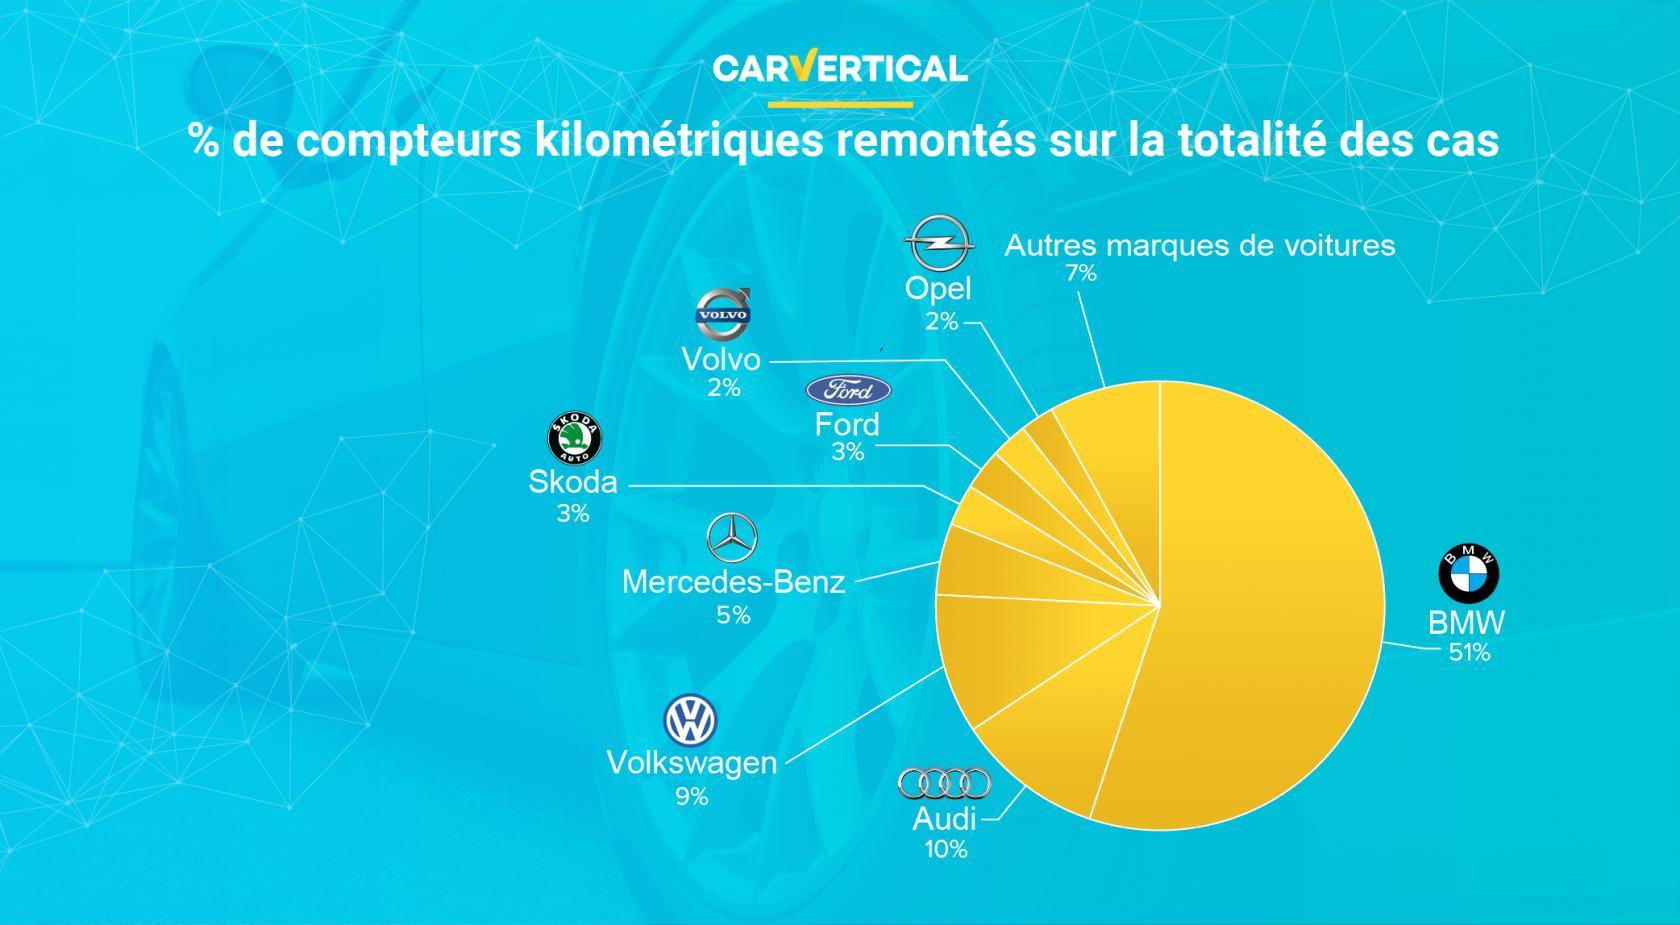 2-statistiques-vehicules-aux-compteurs-trafiques-par-marques.jpeg